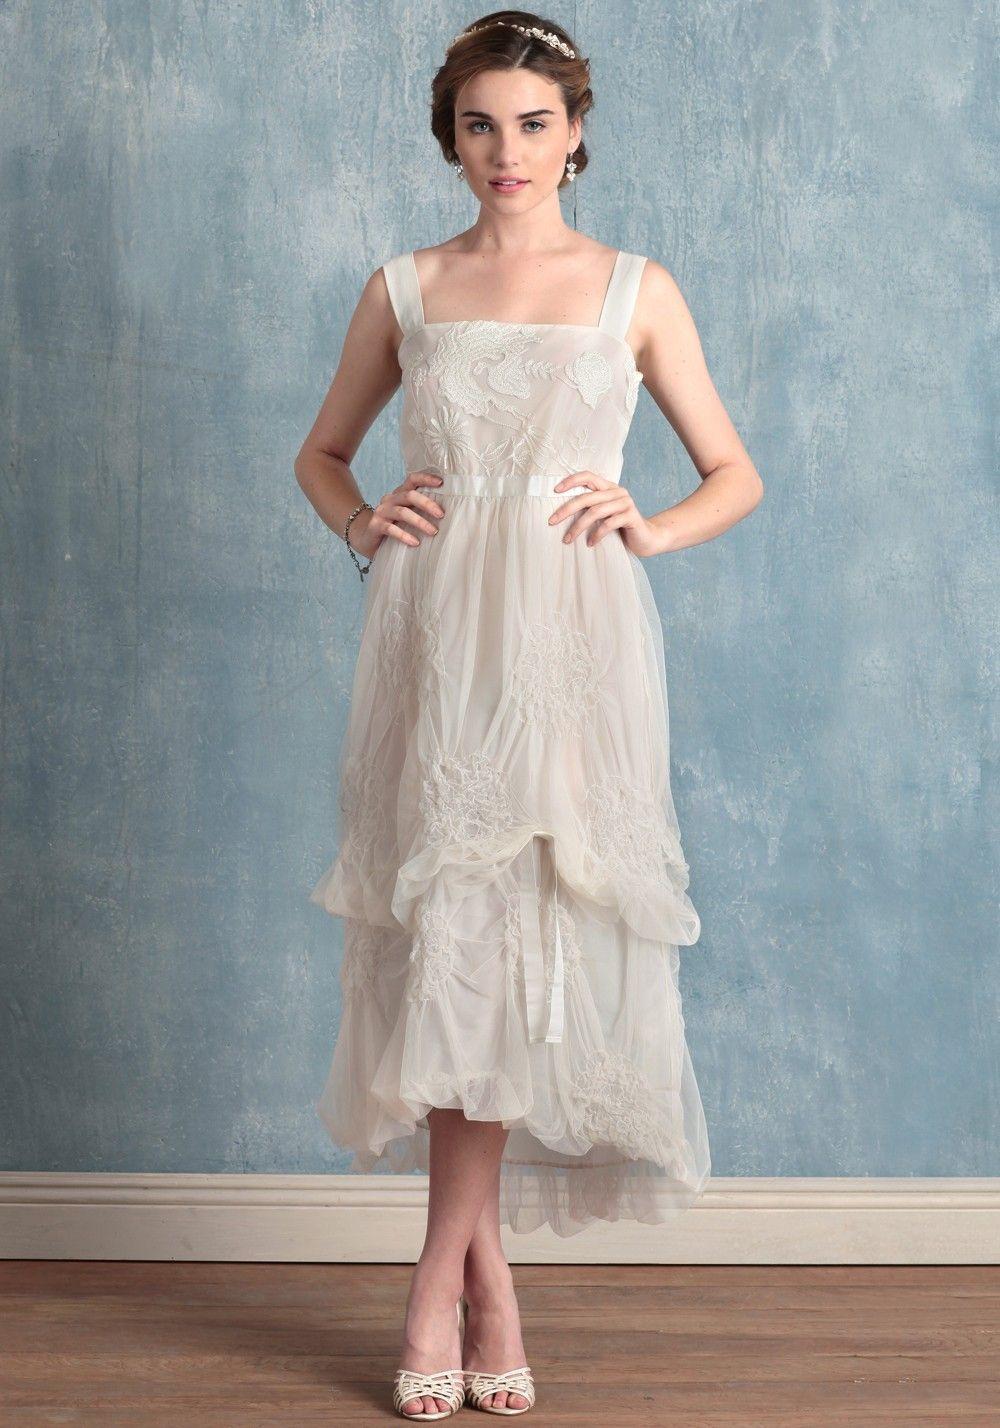 Astrid | Modern Vintage Bridal Dresses | Modern Vintage Bridal ...